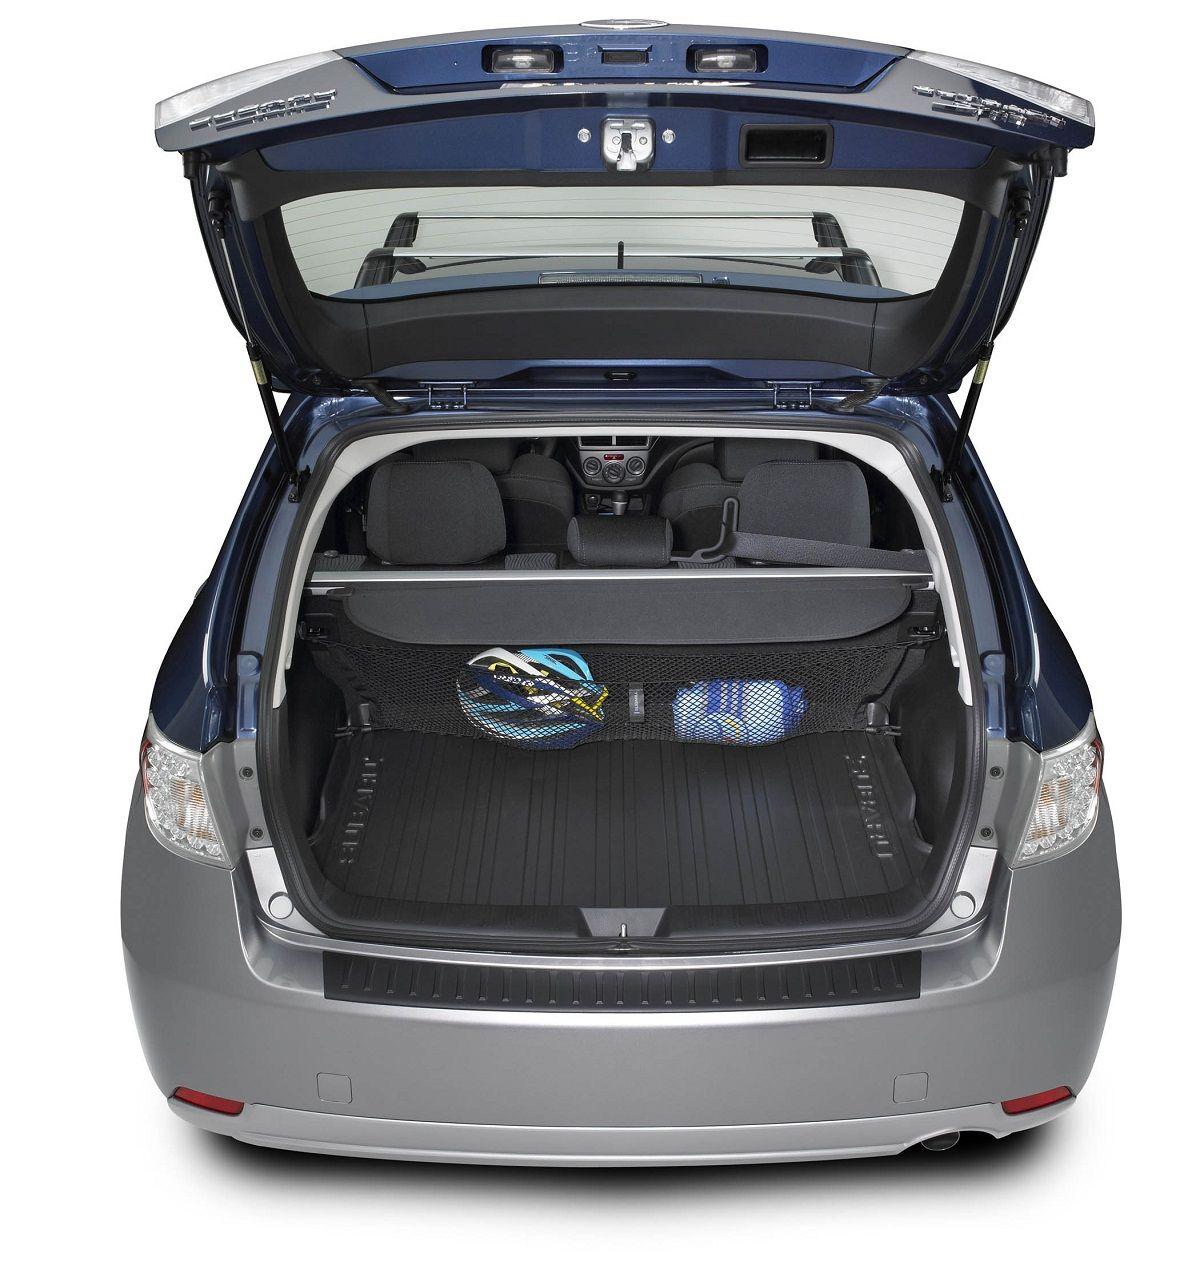 Subaru impreza wrx sti hatch 25l cargo tray 2008 2013 5547 subaru impreza wrx sti hatch 25l cargo tray 2008 2013 5547 vanachro Gallery